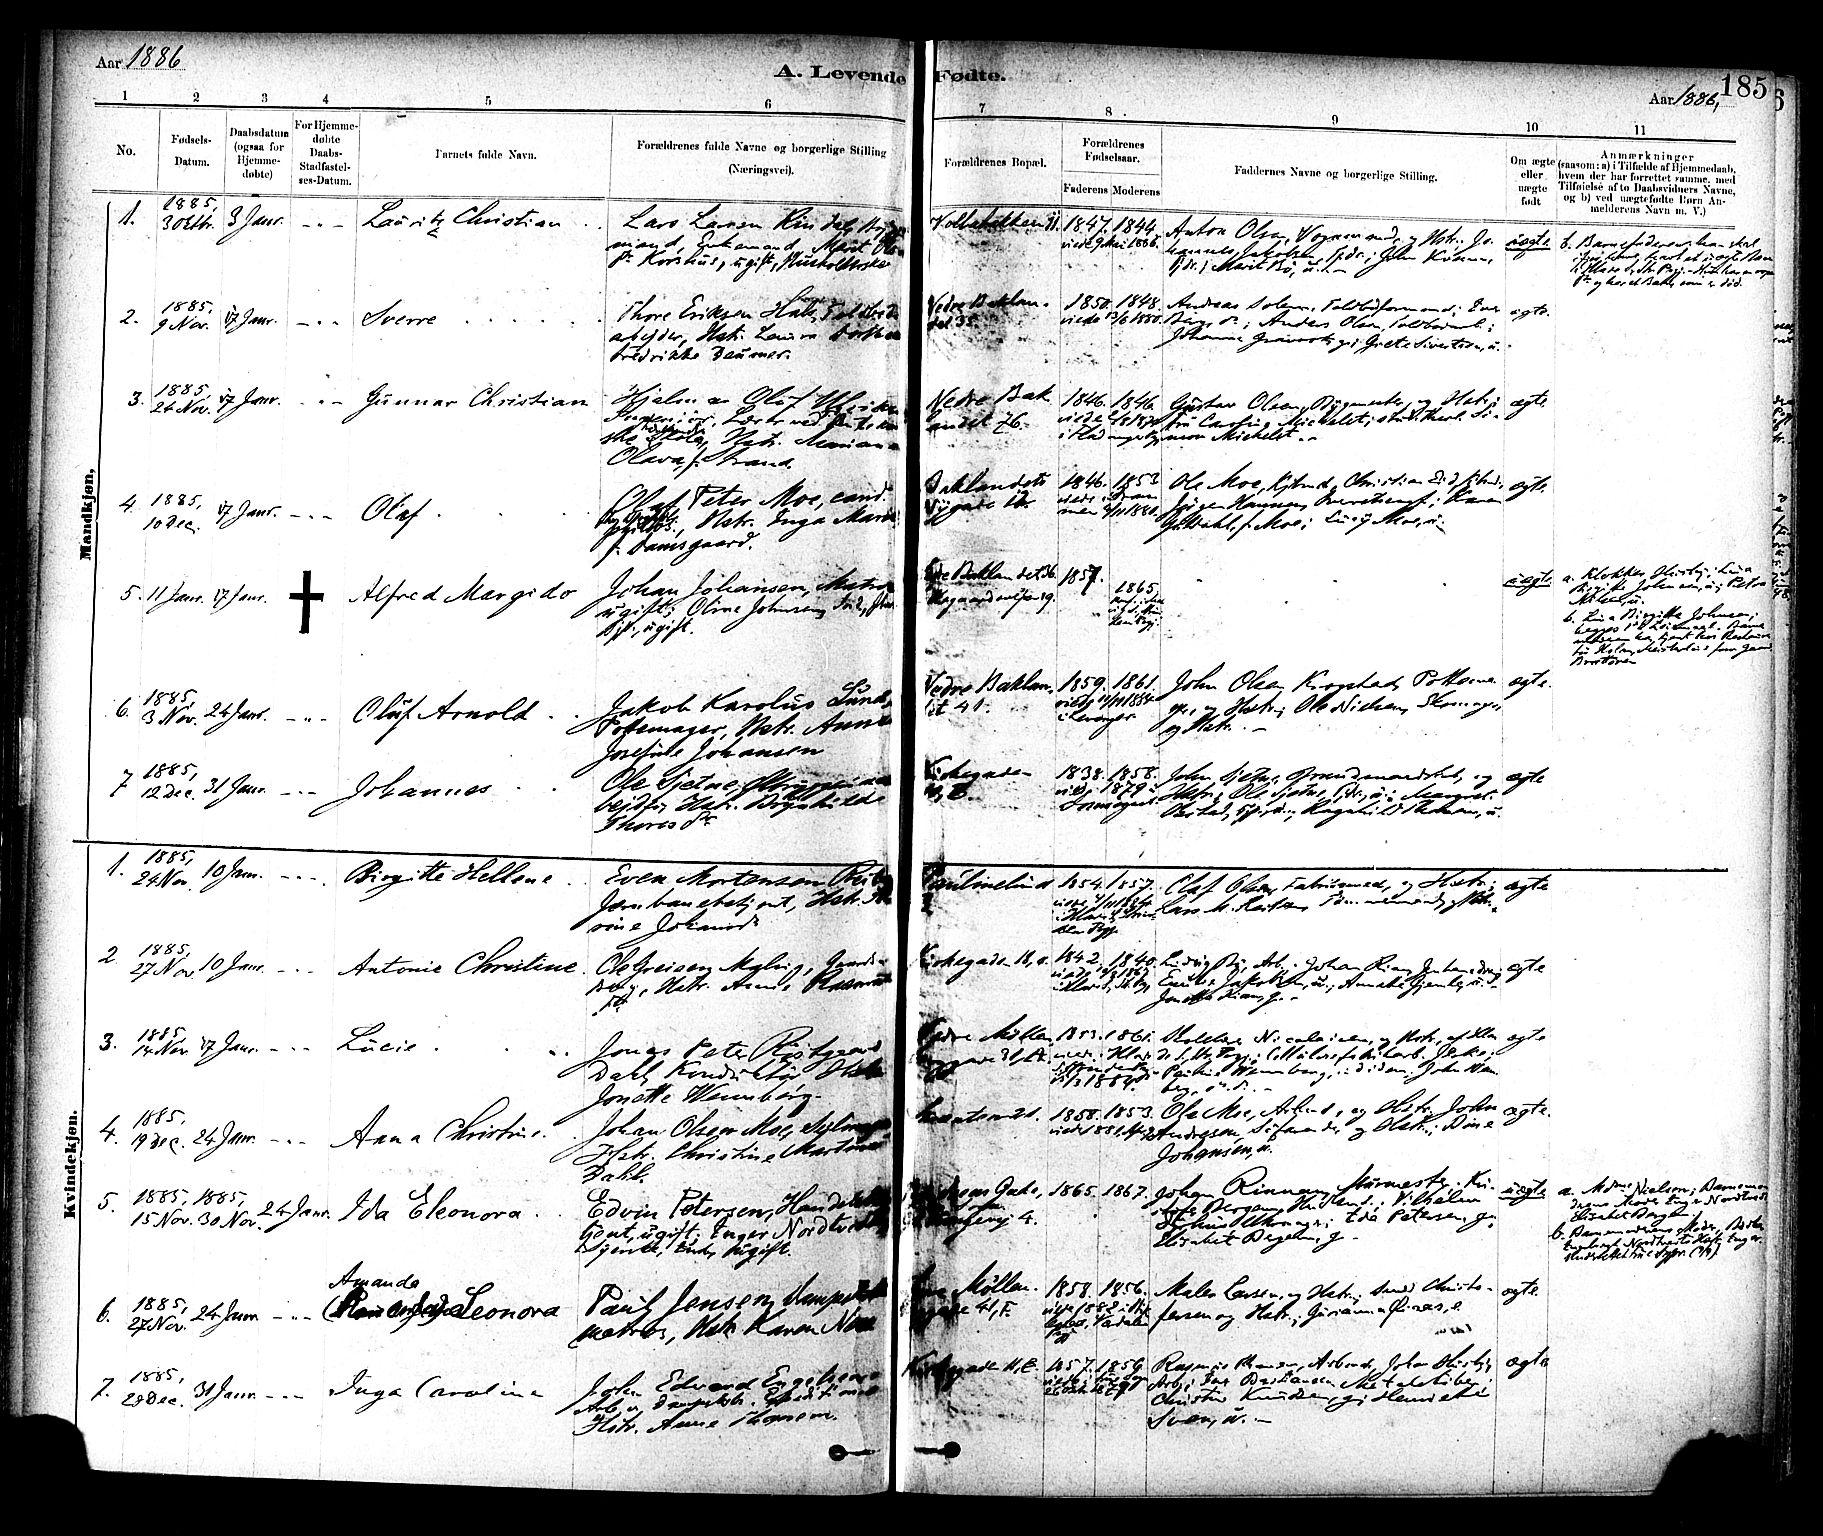 SAT, Ministerialprotokoller, klokkerbøker og fødselsregistre - Sør-Trøndelag, 604/L0188: Ministerialbok nr. 604A09, 1878-1892, s. 185